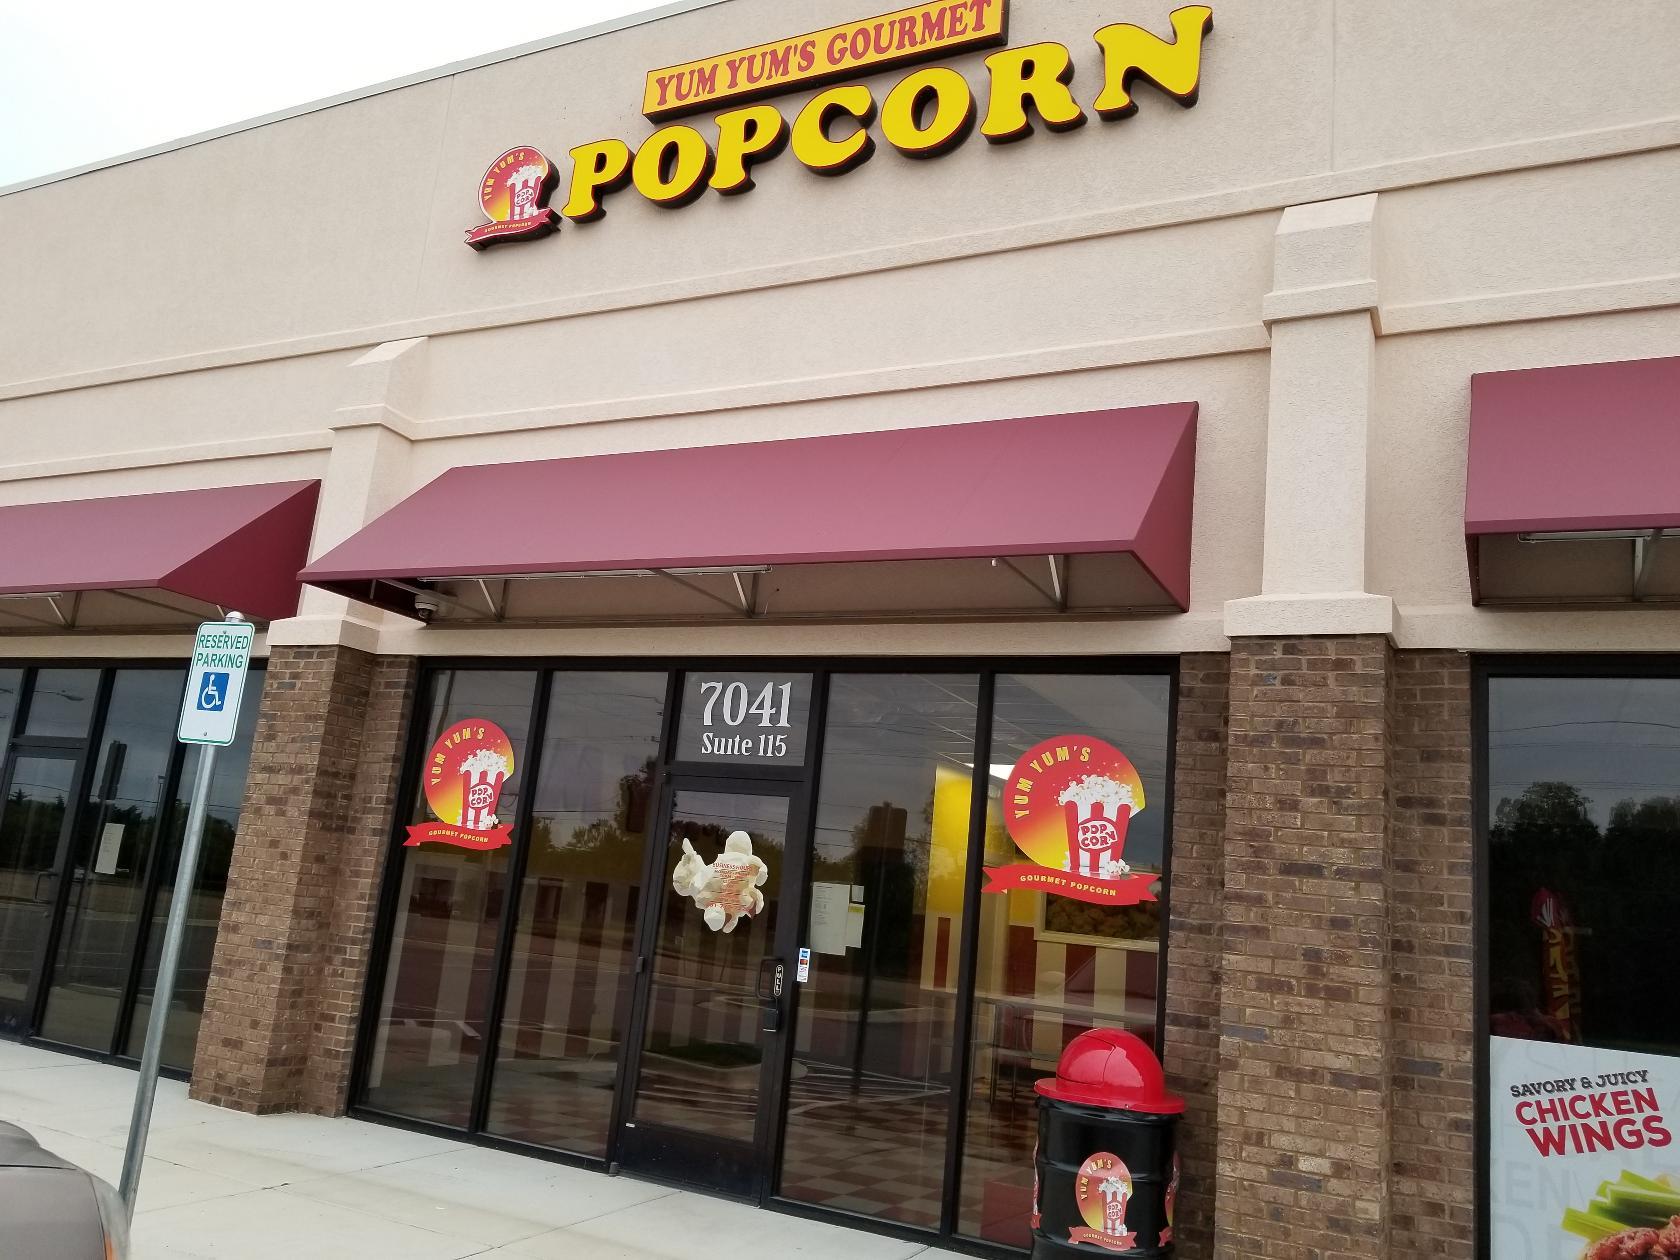 Yum Yum's Gourmet Popcorn photo